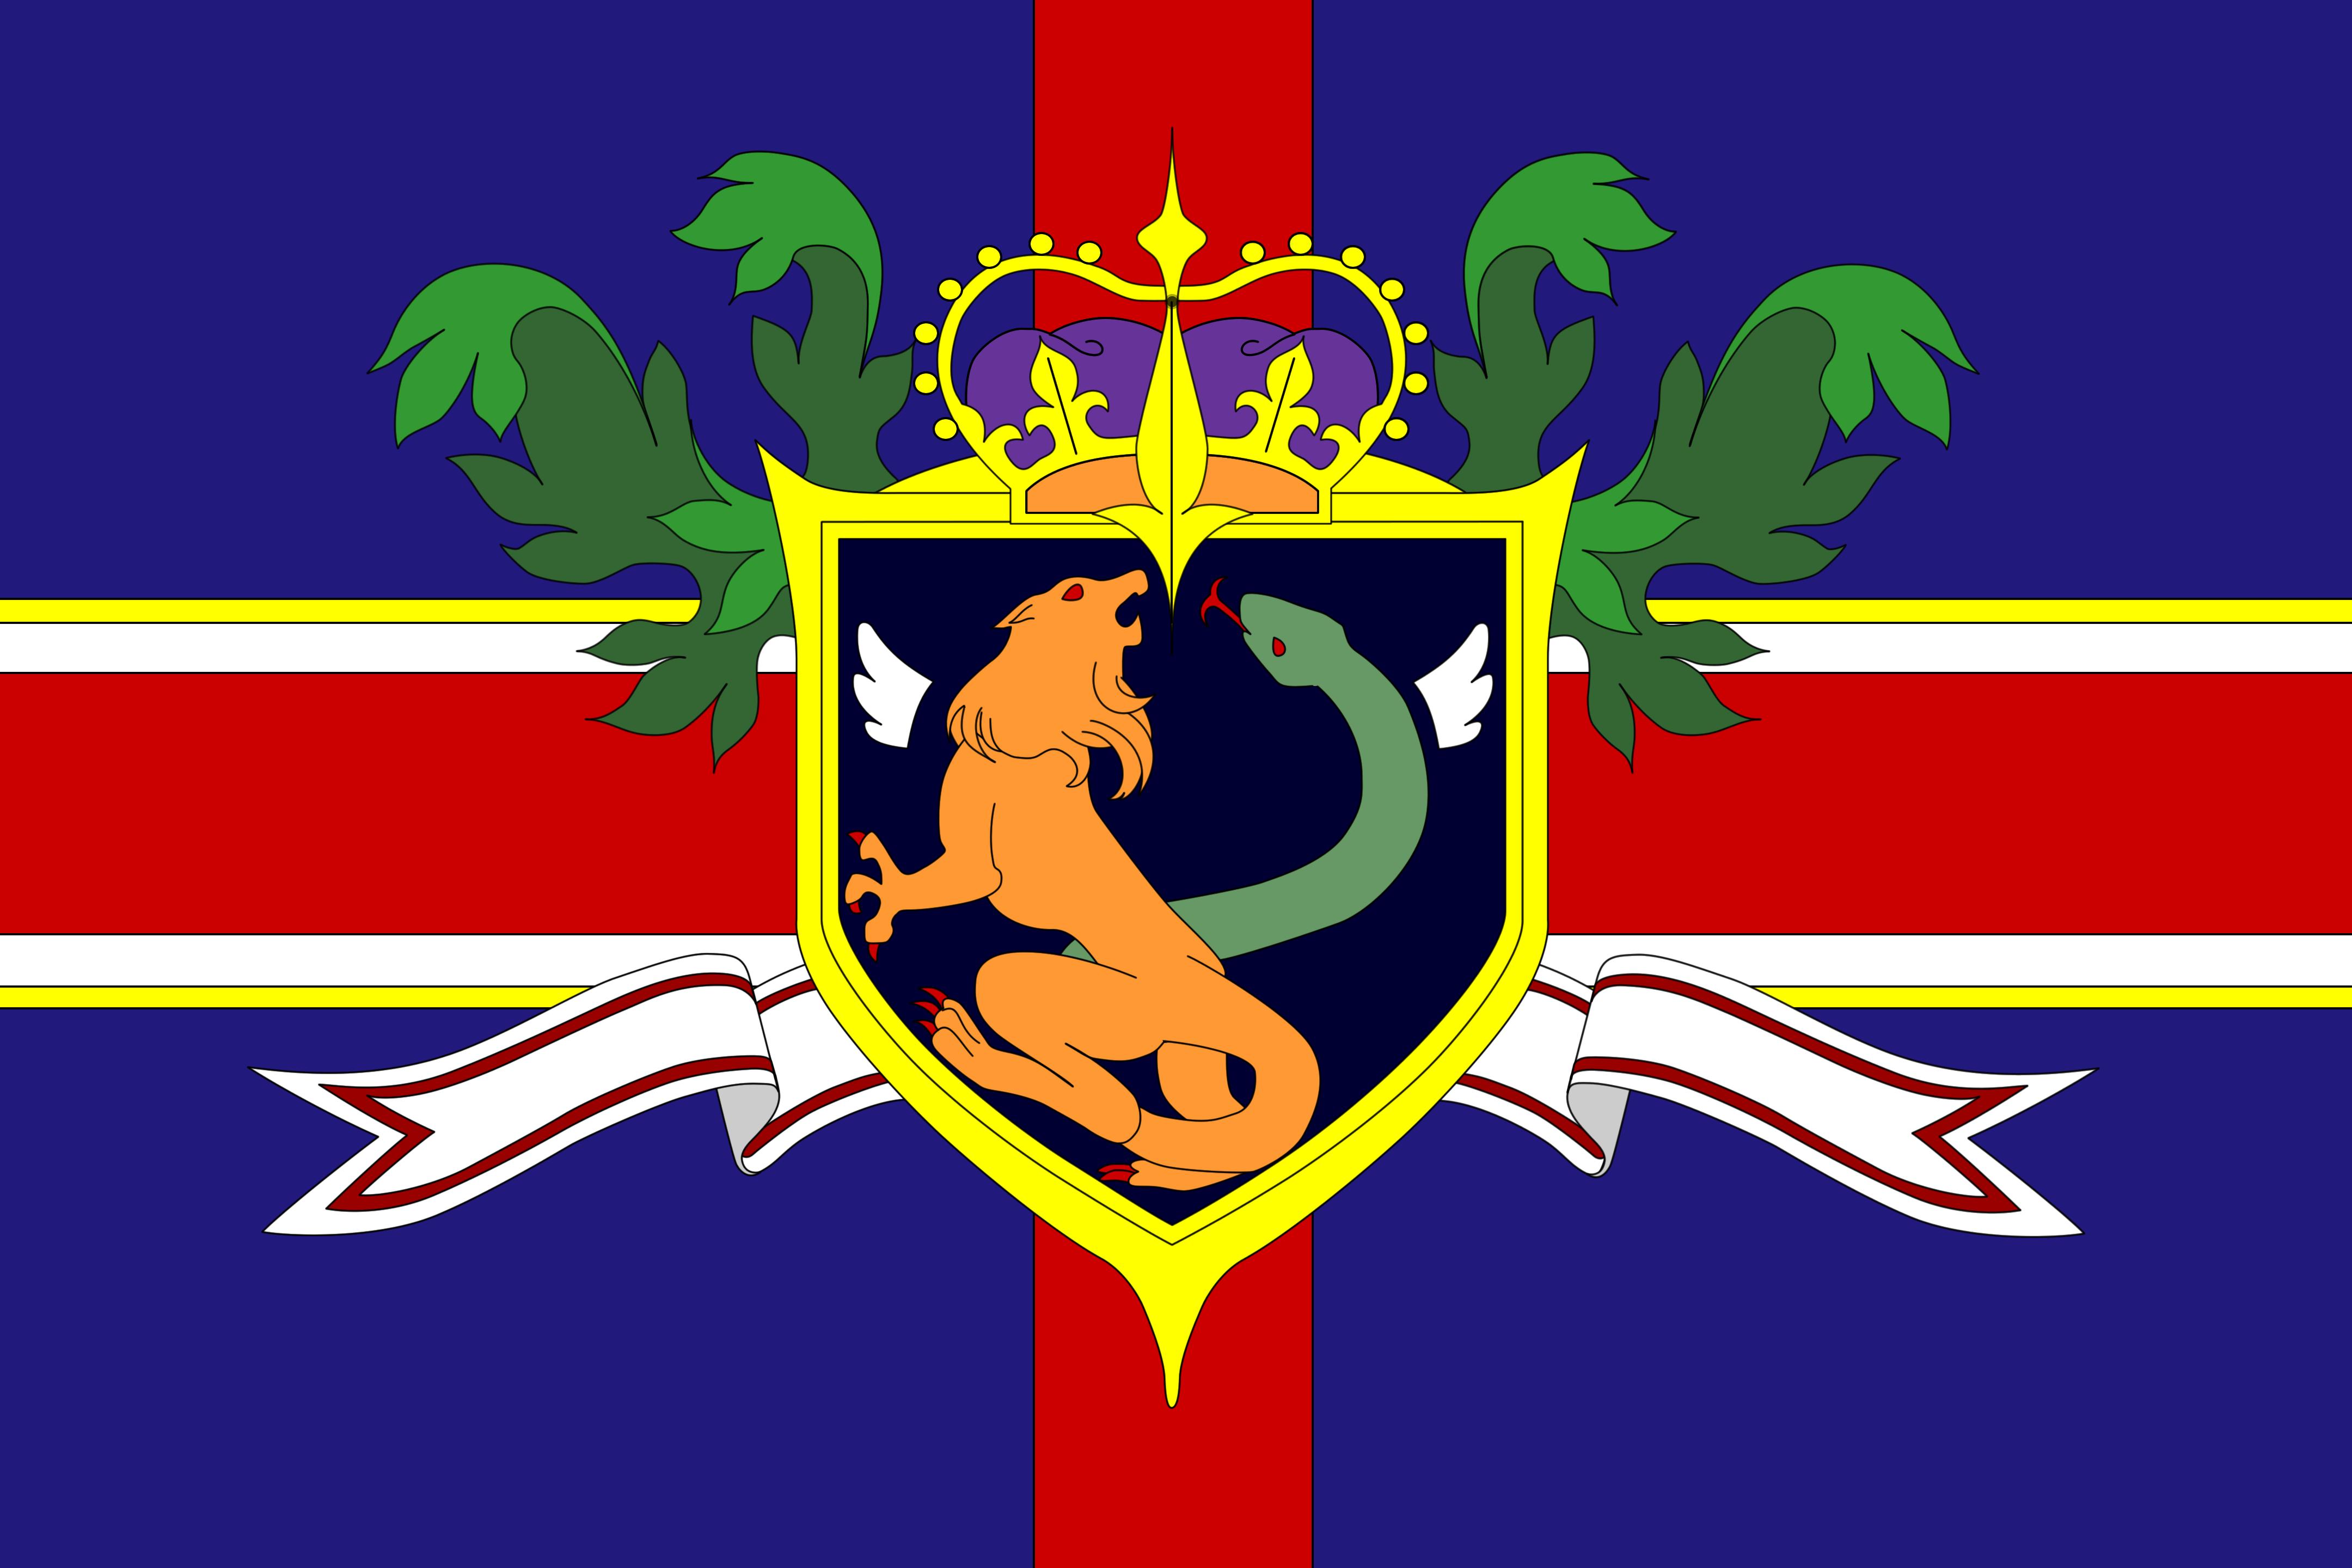 All Hail Britannia! Bandera_Britanian